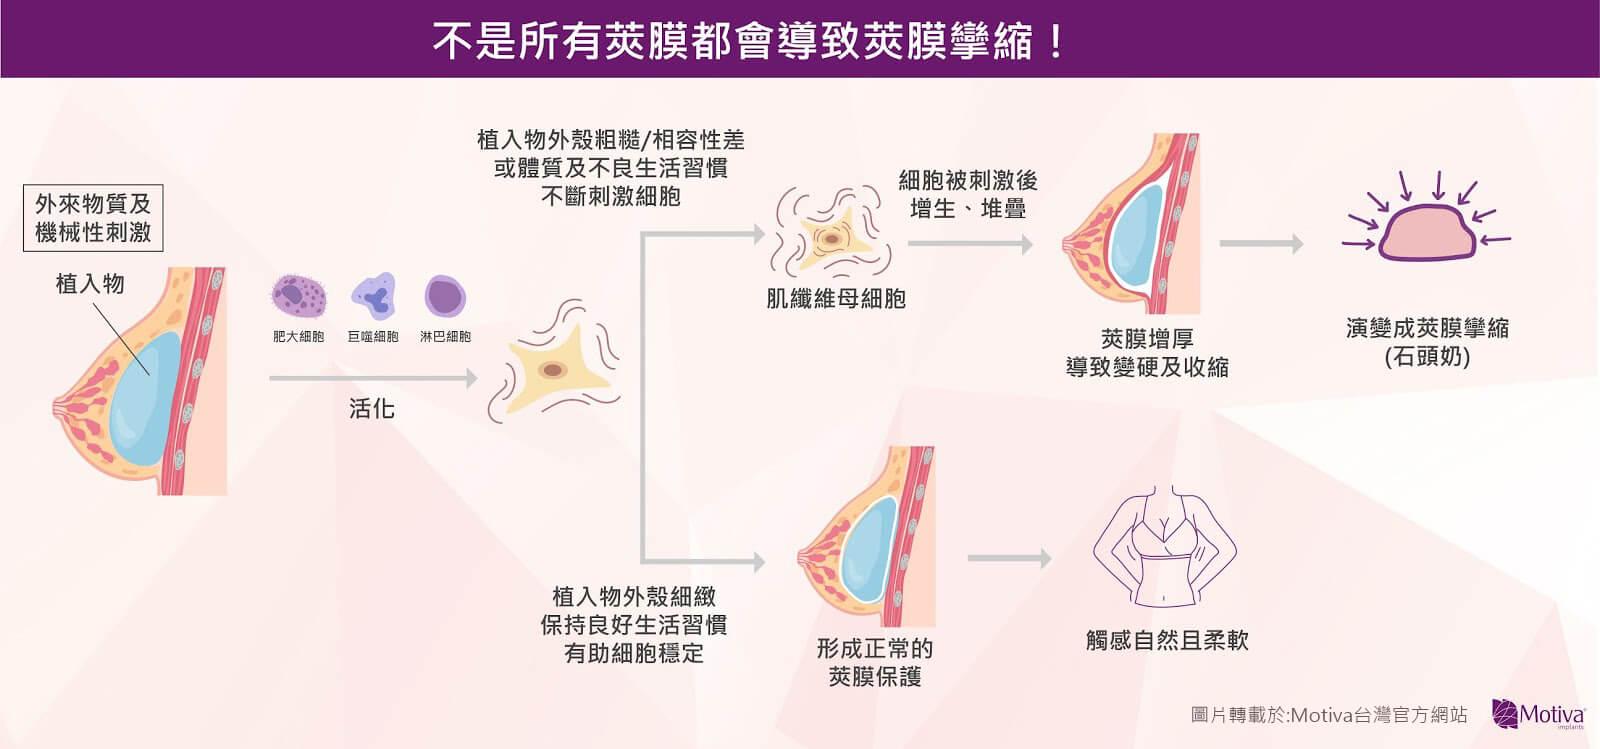 Motiva魔滴隆乳術後緊繃腫脹,是莢膜攣縮?